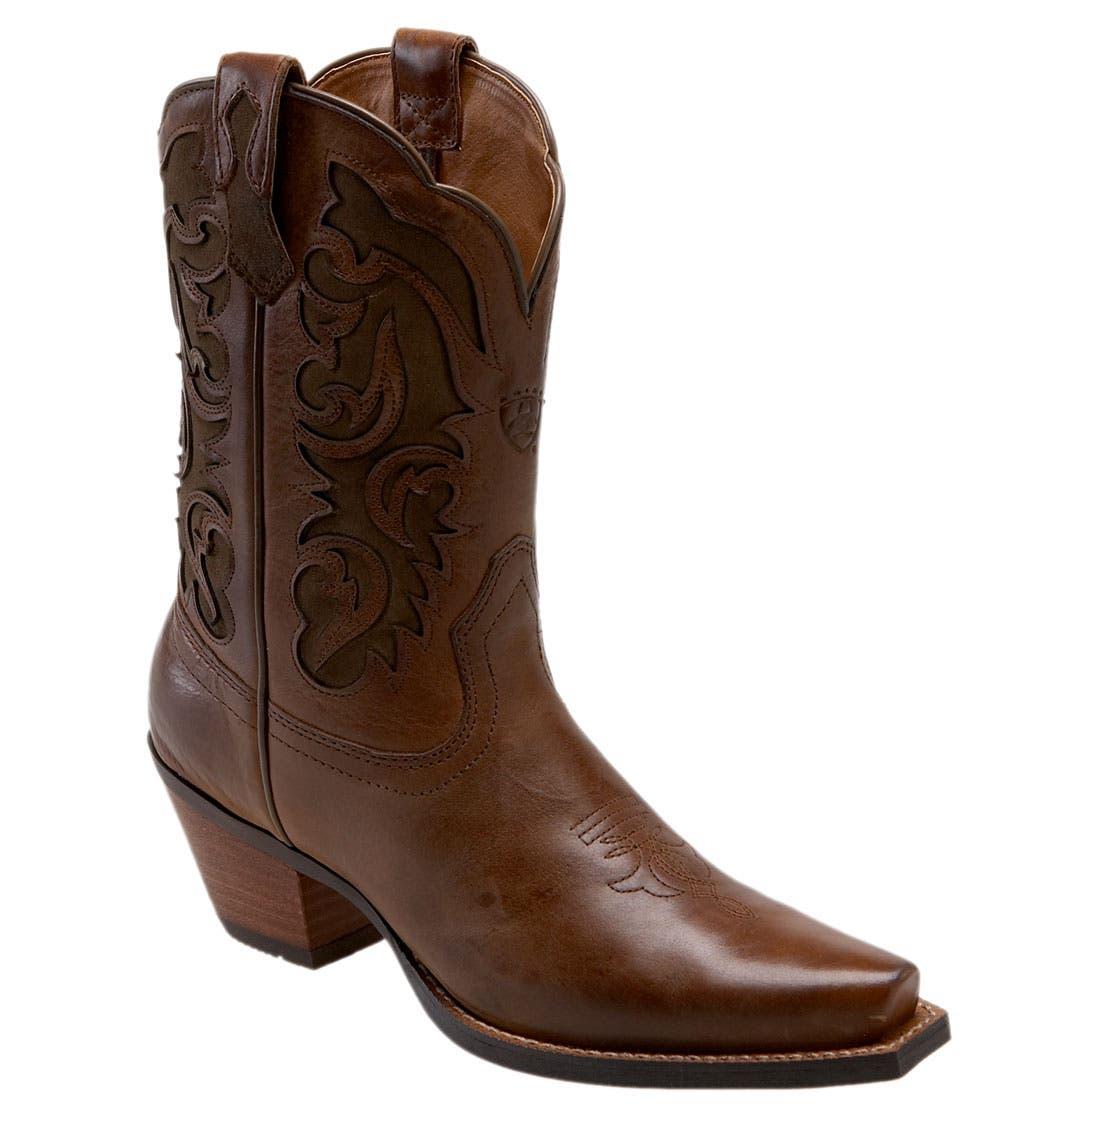 Alternate Image 1 Selected - Ariat 'Shada' boot